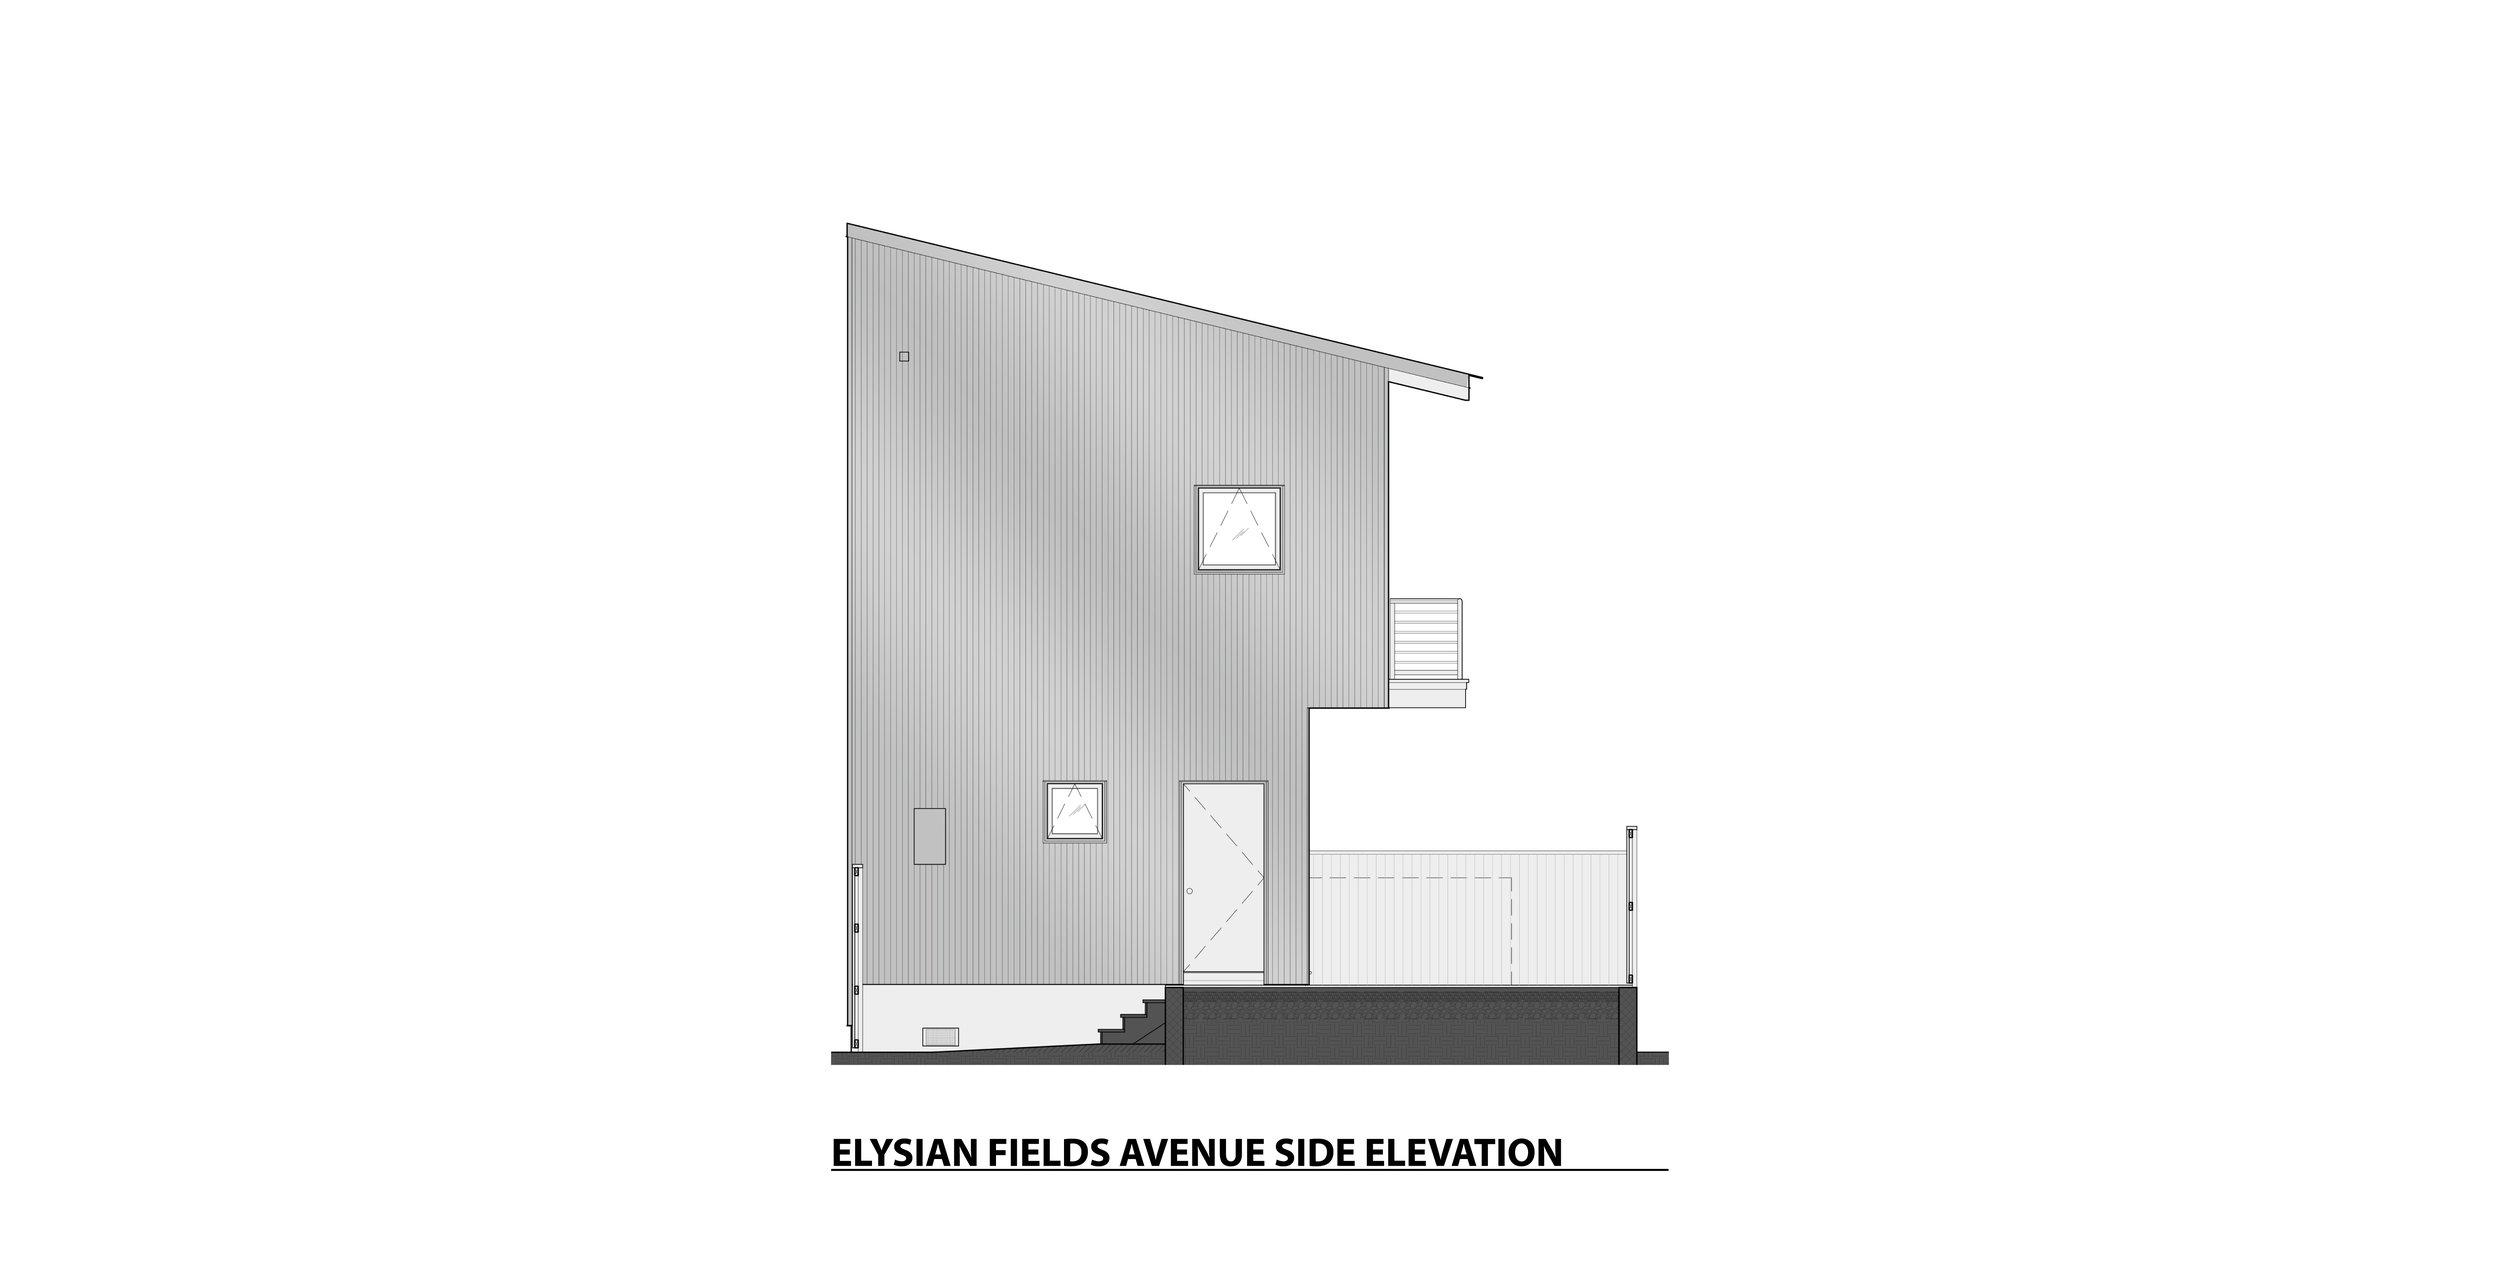 elevations2-02.jpg